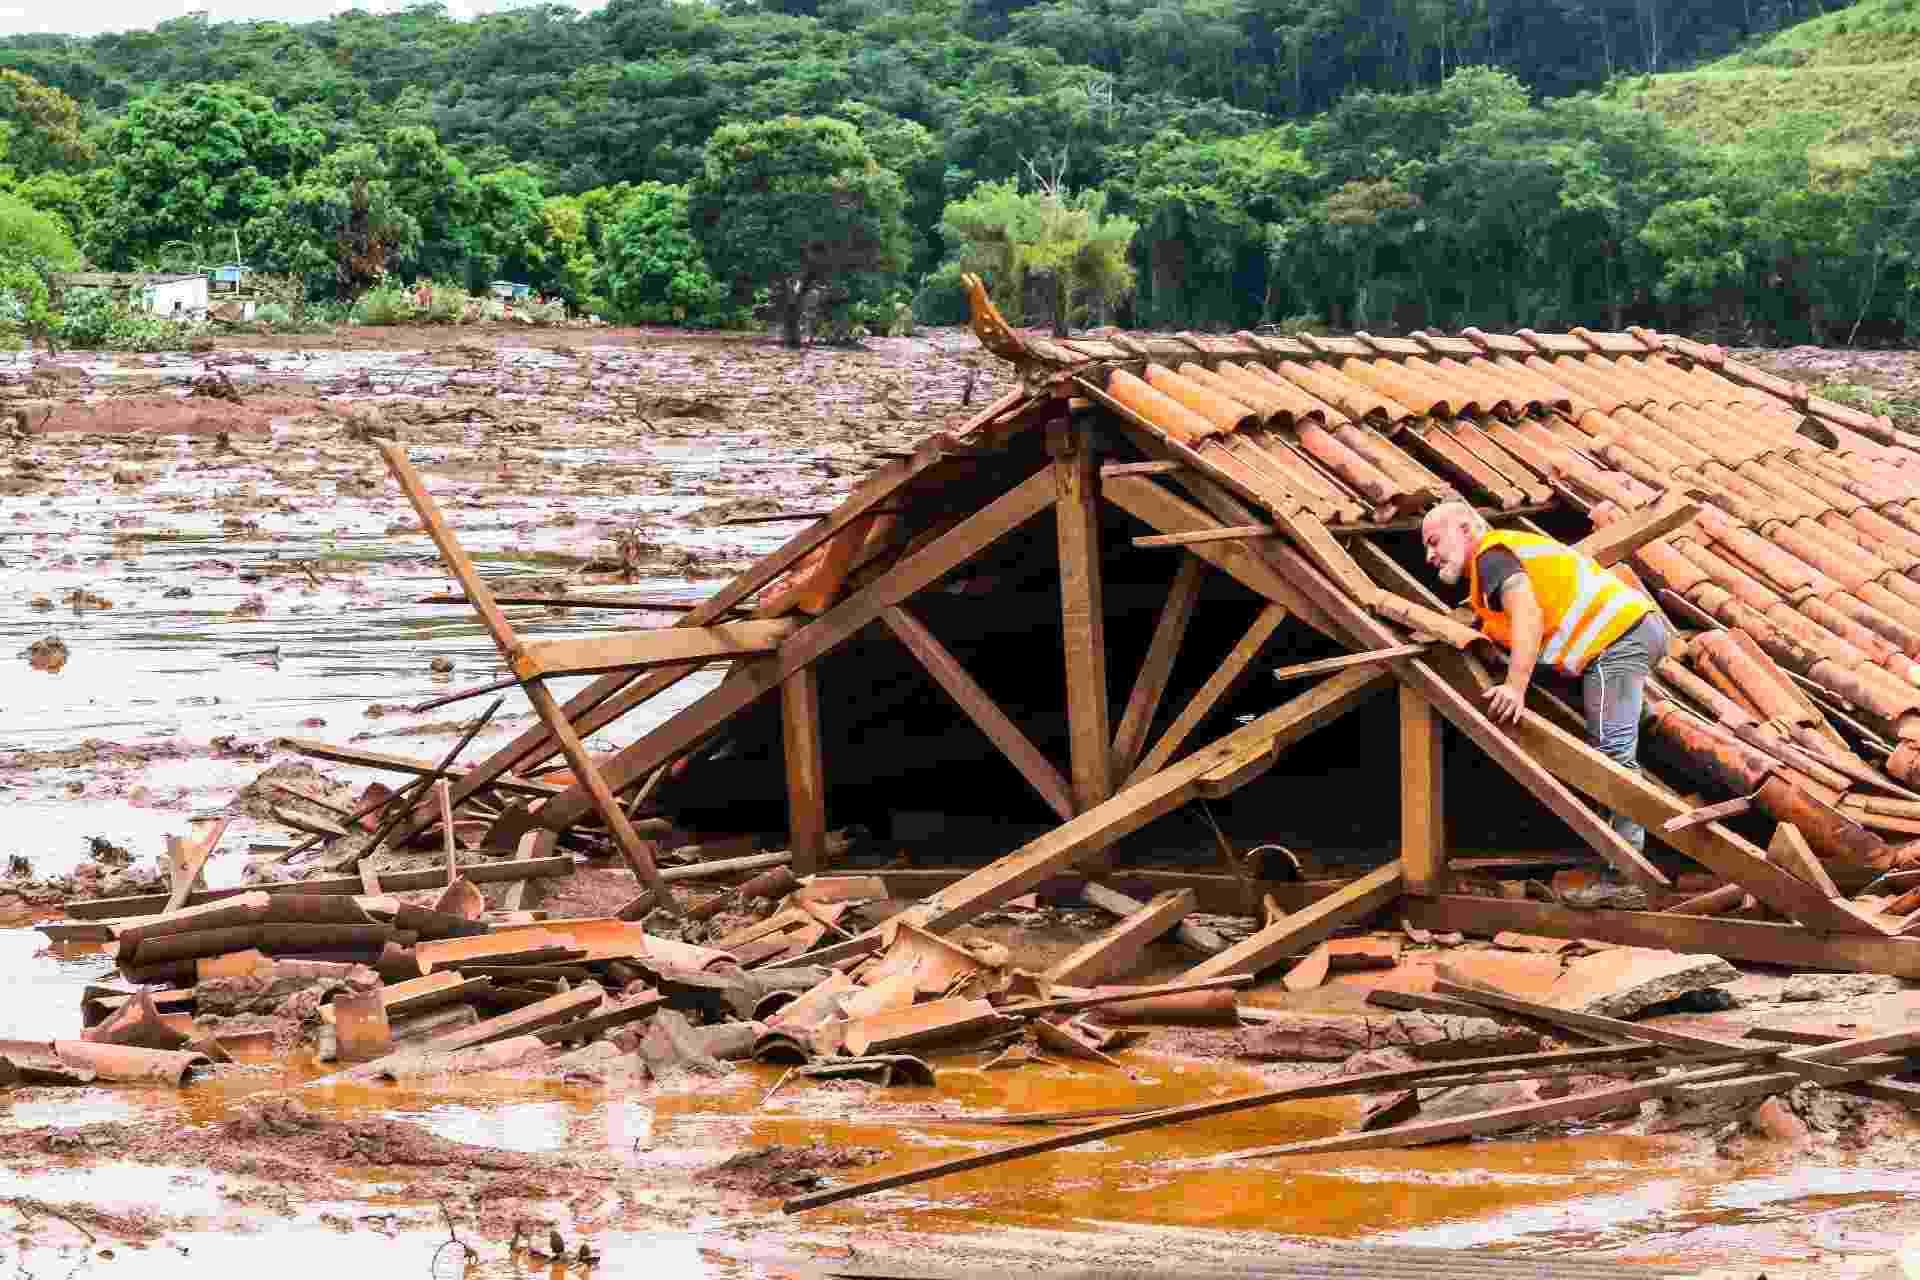 26.jan.2019 - Homem se equilibra em uma casa que foi engolida pela lama da barragem 1 da Mina do Feijão, em Brumadinho - CADU ROLIM/FOTOARENA/ESTADÃO CONTEÚDO